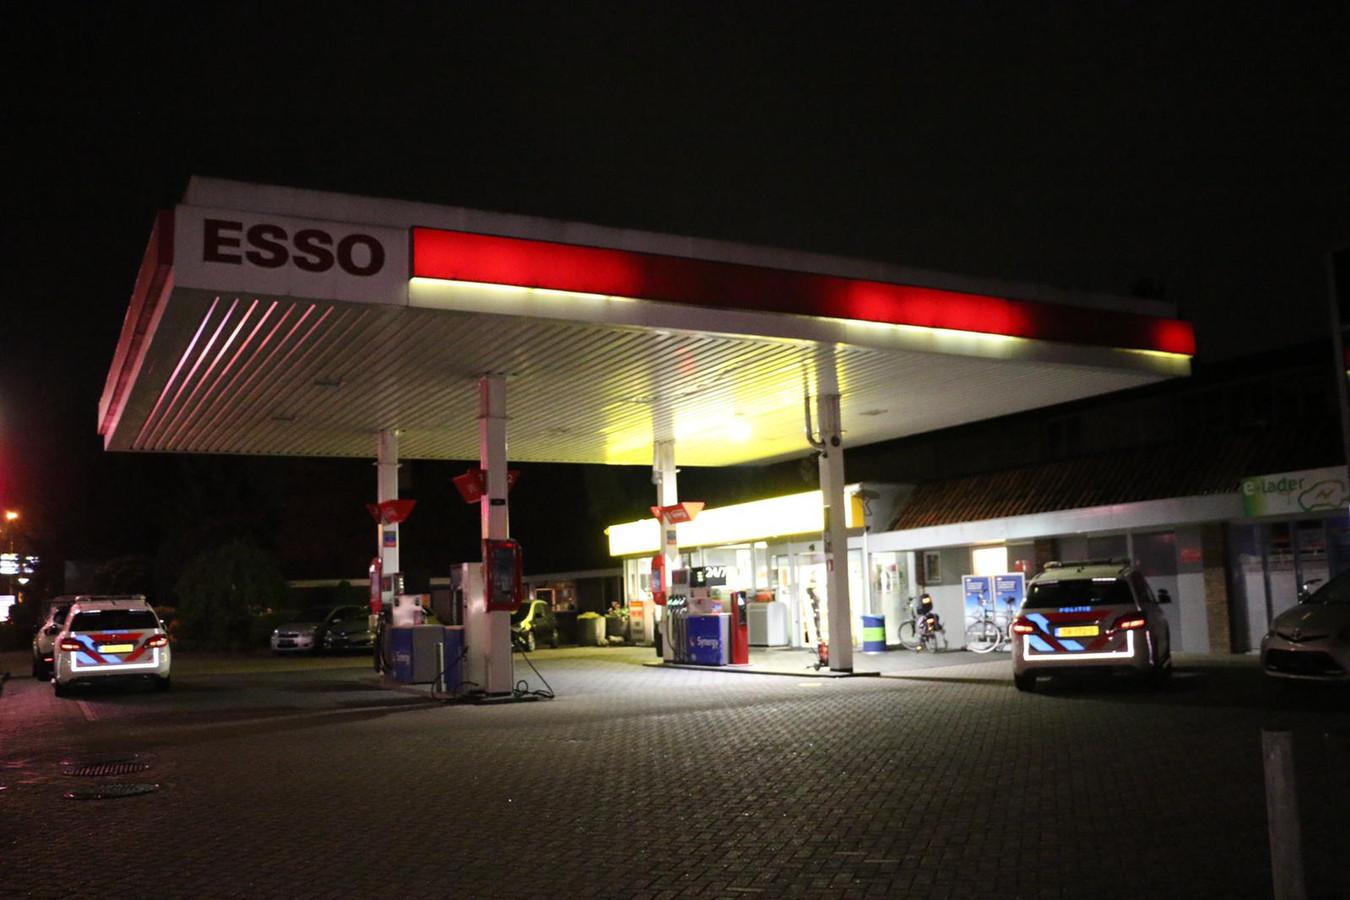 Het tankstation aan de Essenlaan dat vrijdagavond werd overvallen.